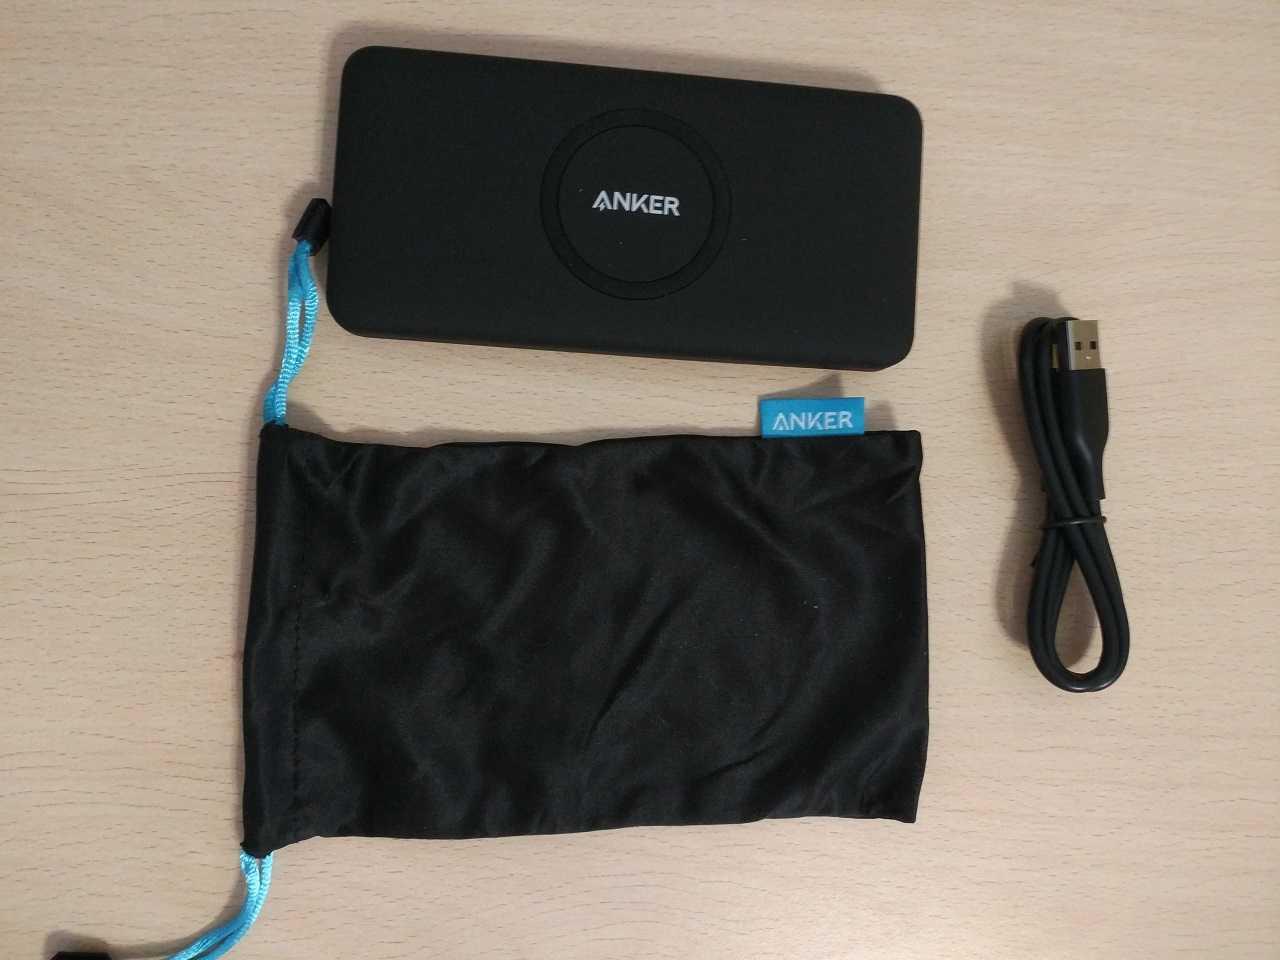 Recensione Anker PowerCore 10K Wireless, molto più che un se